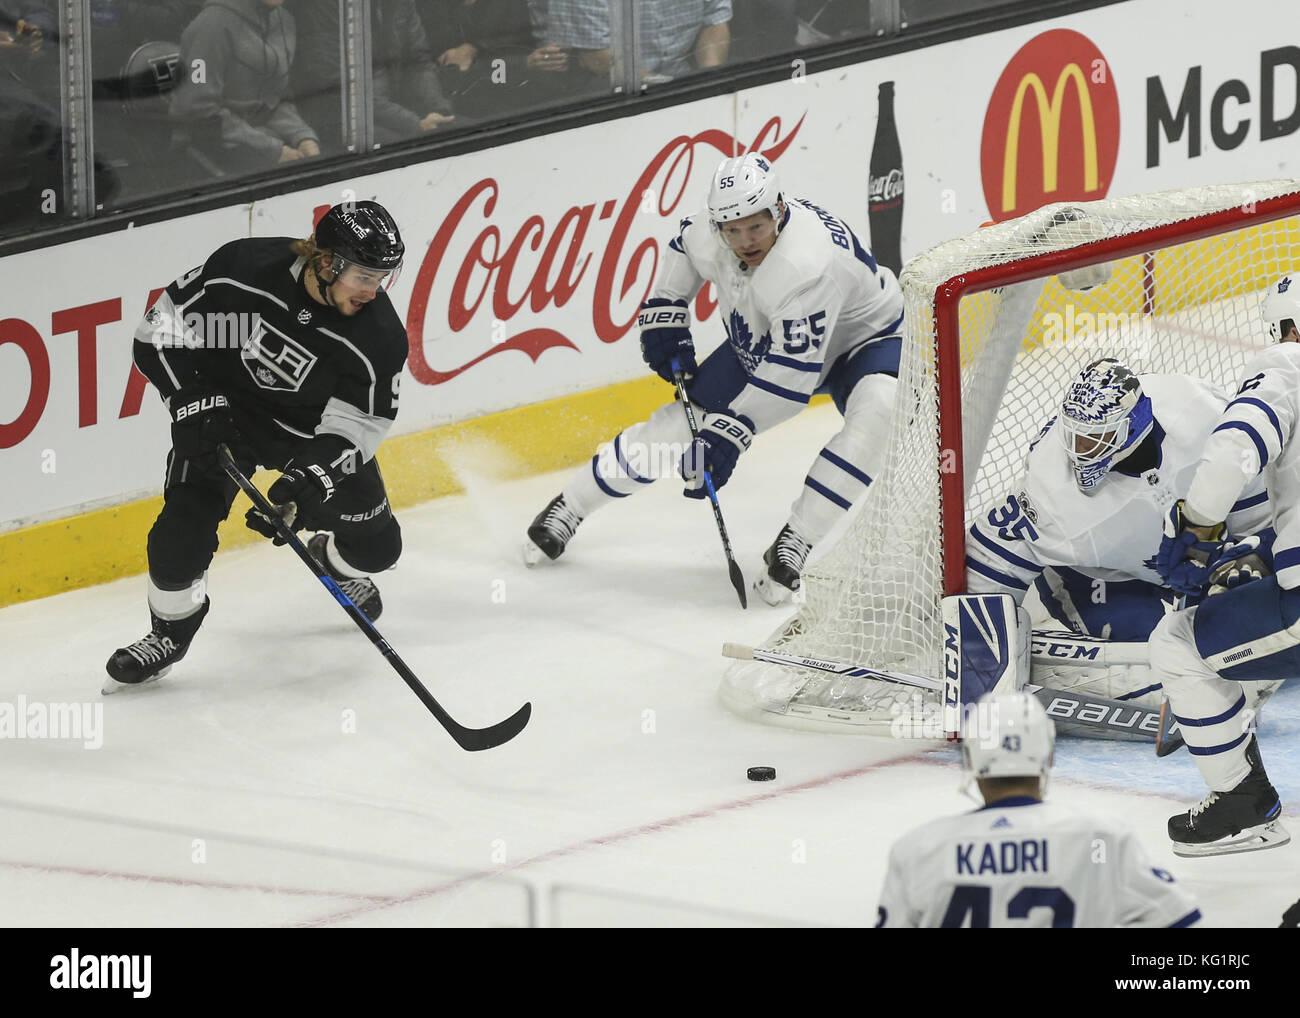 Toronto Maple Leafs Goalie Curtis Stock Photos & Toronto